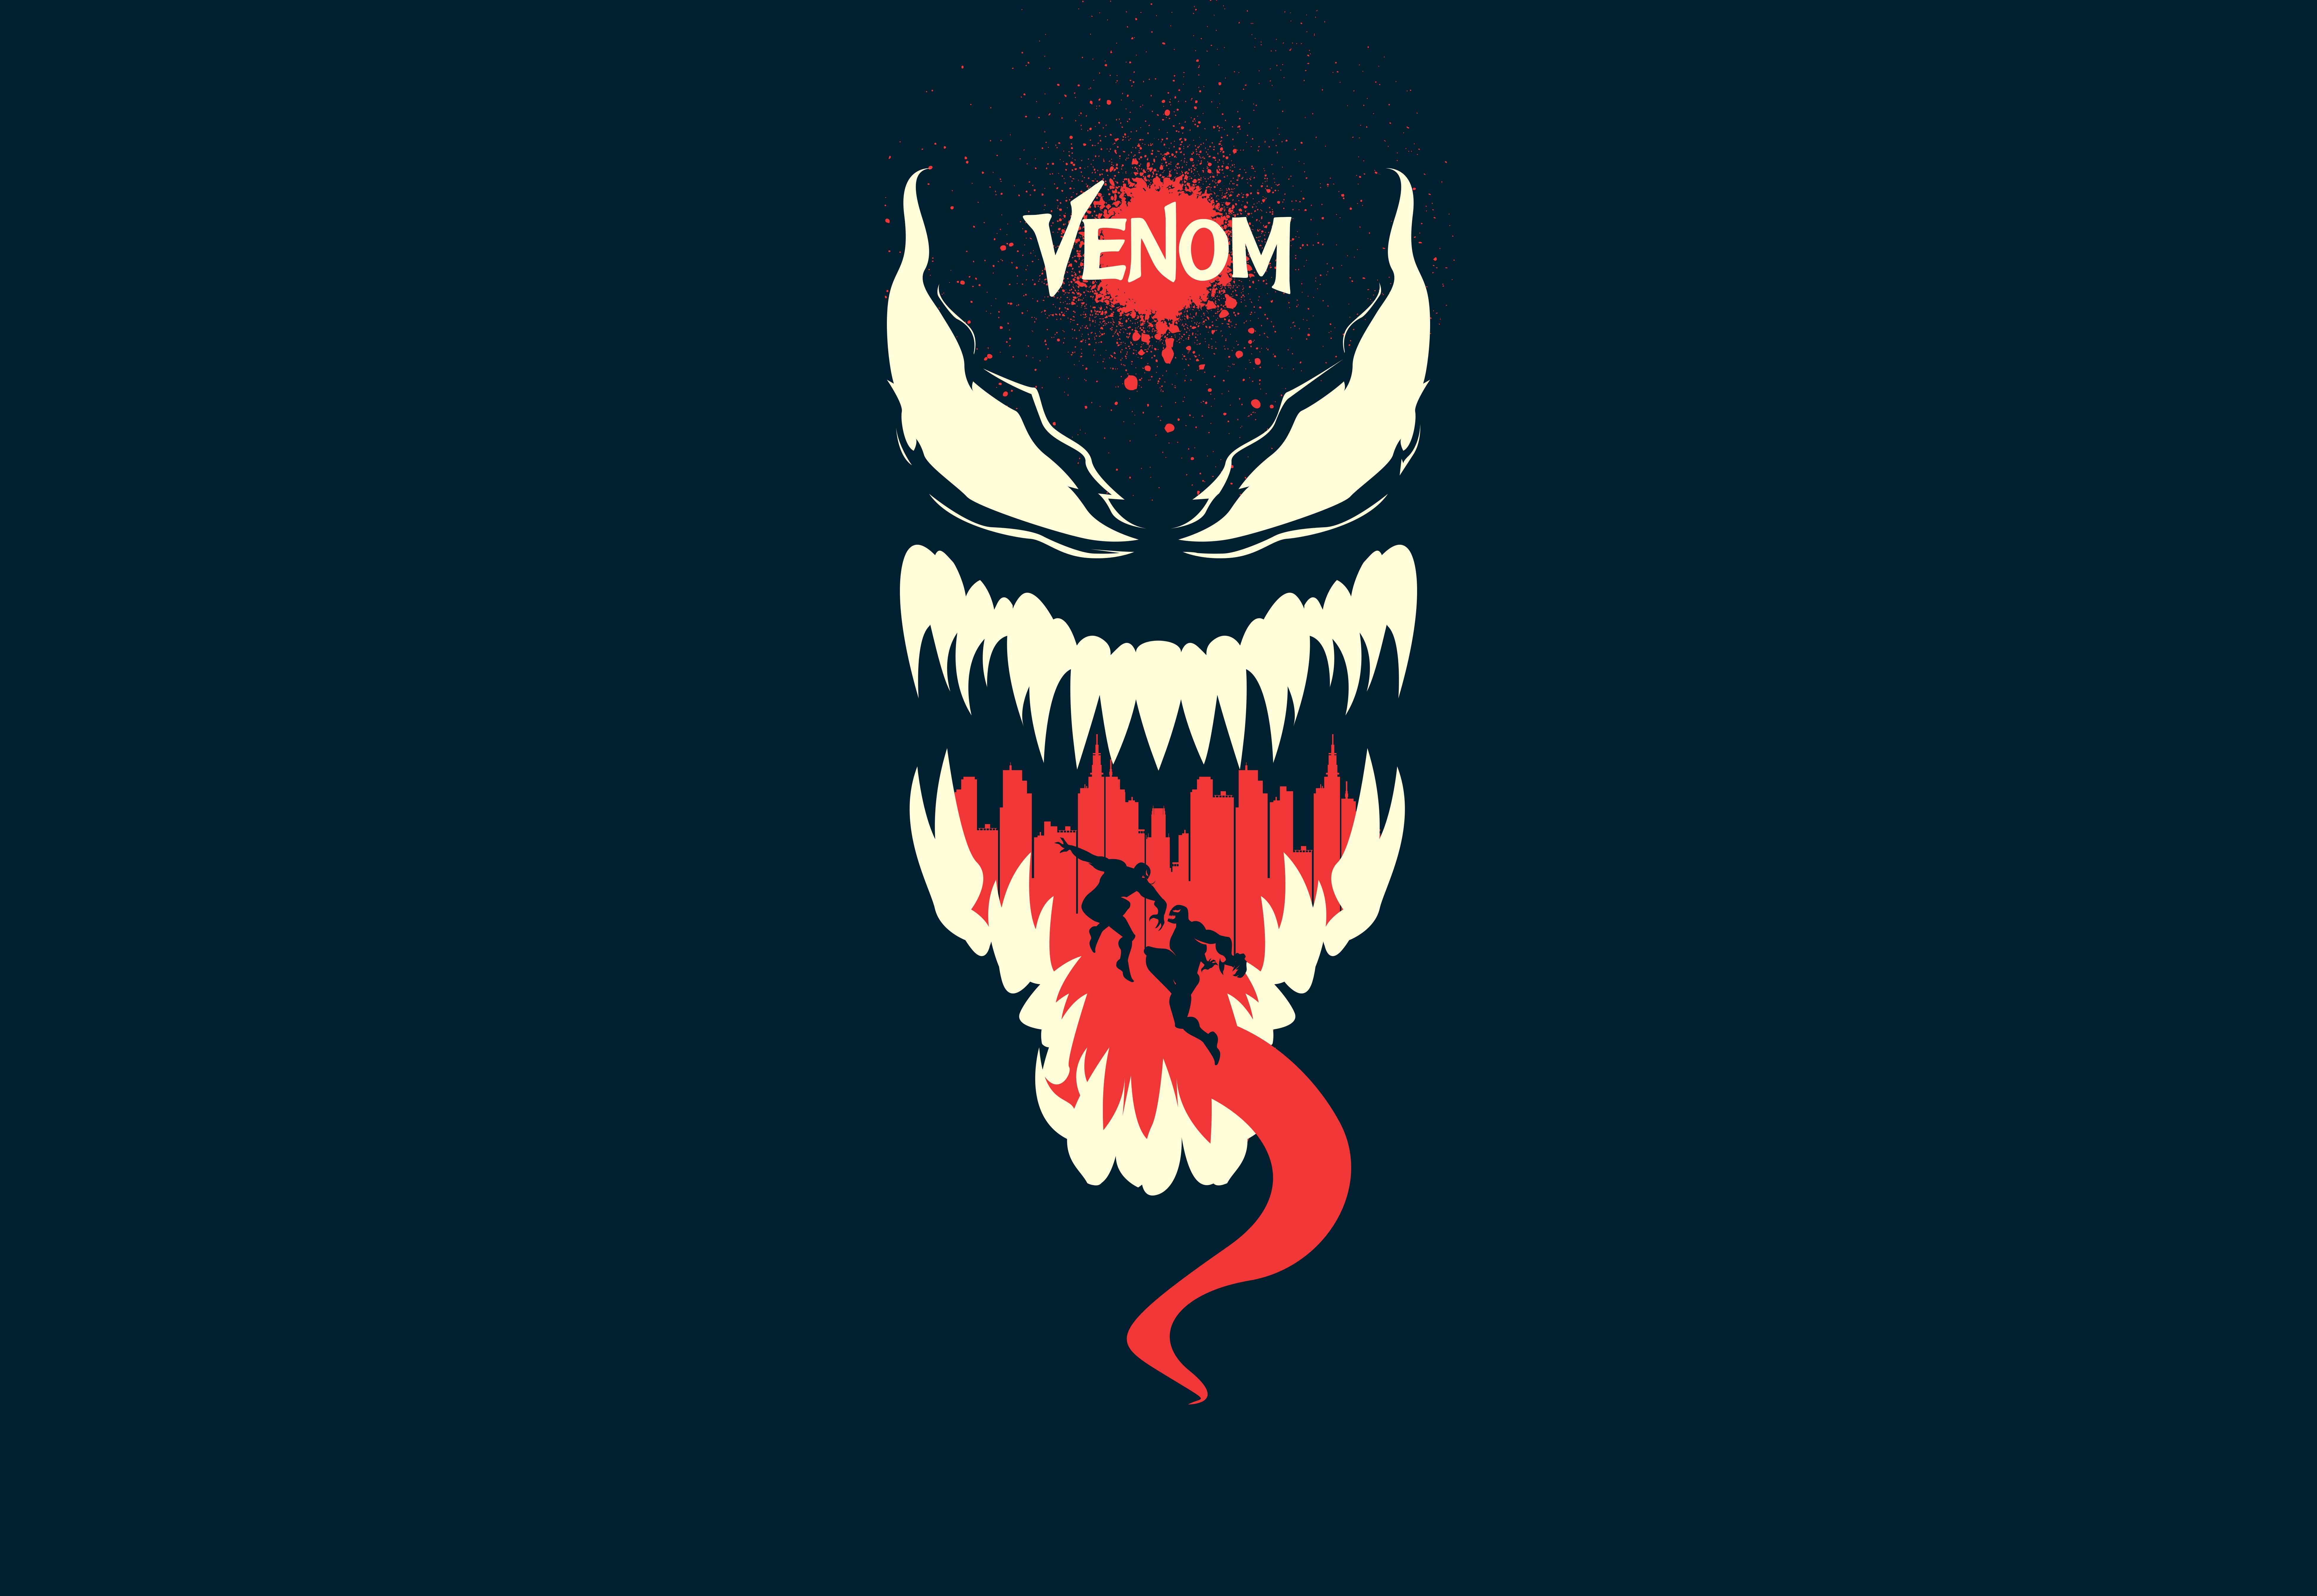 Venom 8K 2020 Wallpaper, HD Minimalist 4K Wallpapers ...